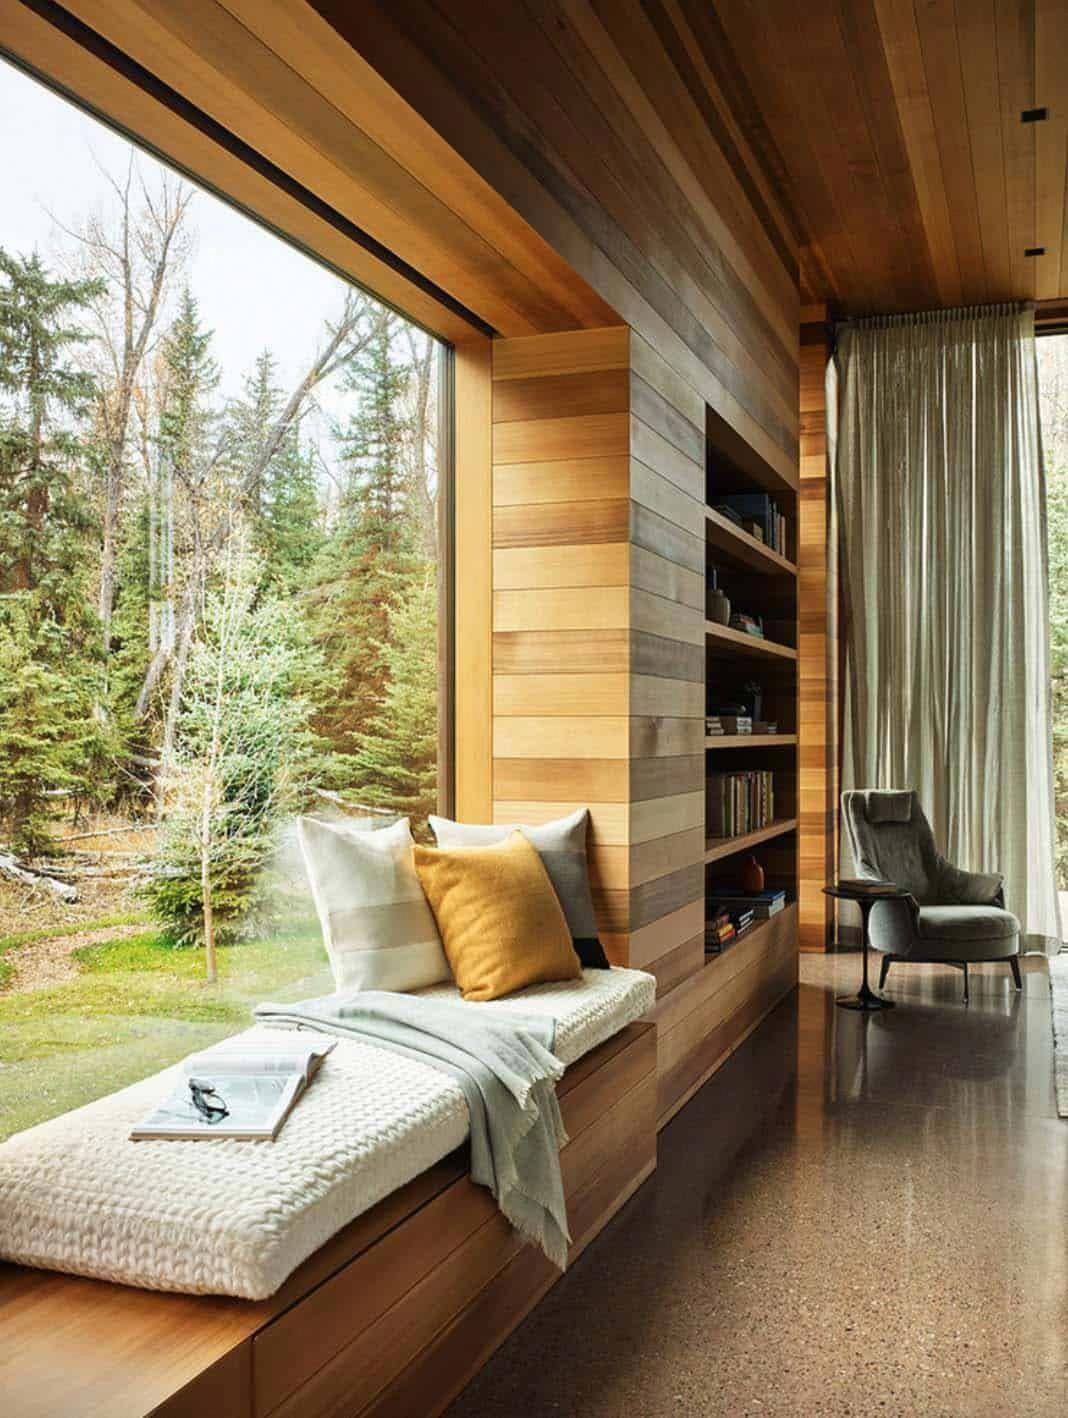 Fantastische Auswahl an Wohnmöbeln #Contemporarylivingroom   – Wohnmobil/Tinihaus